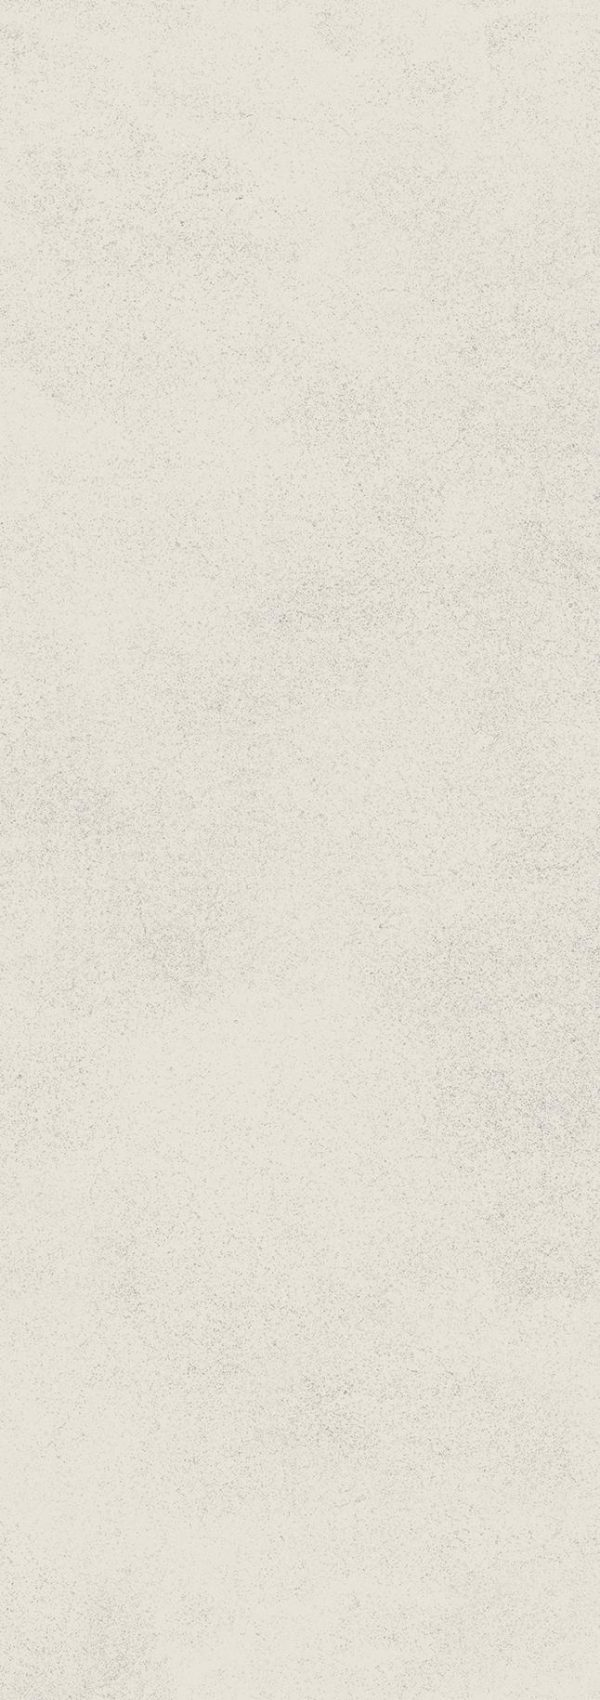 Cava - White